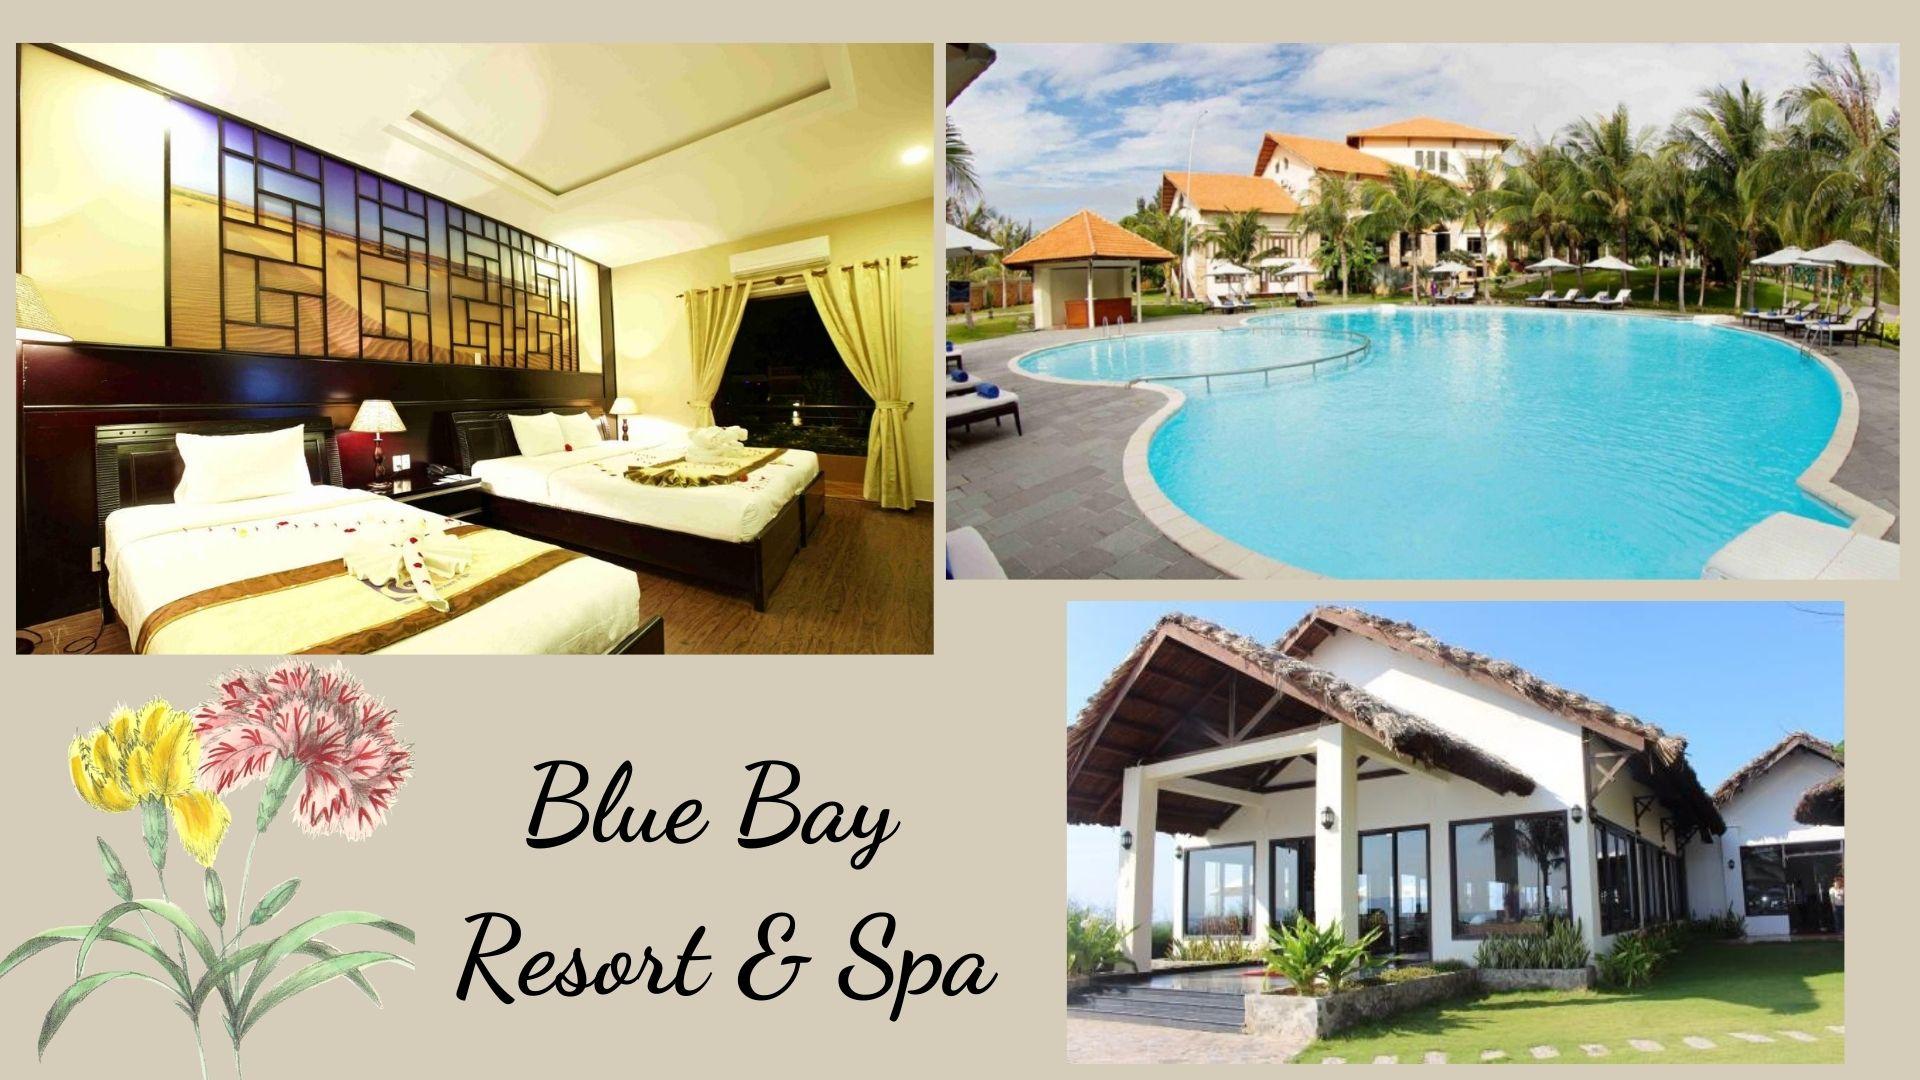 Top 14 Resort Hòn Rơm giá rẻ đẹp view biển có hồ bơi và gần đồi cát bay